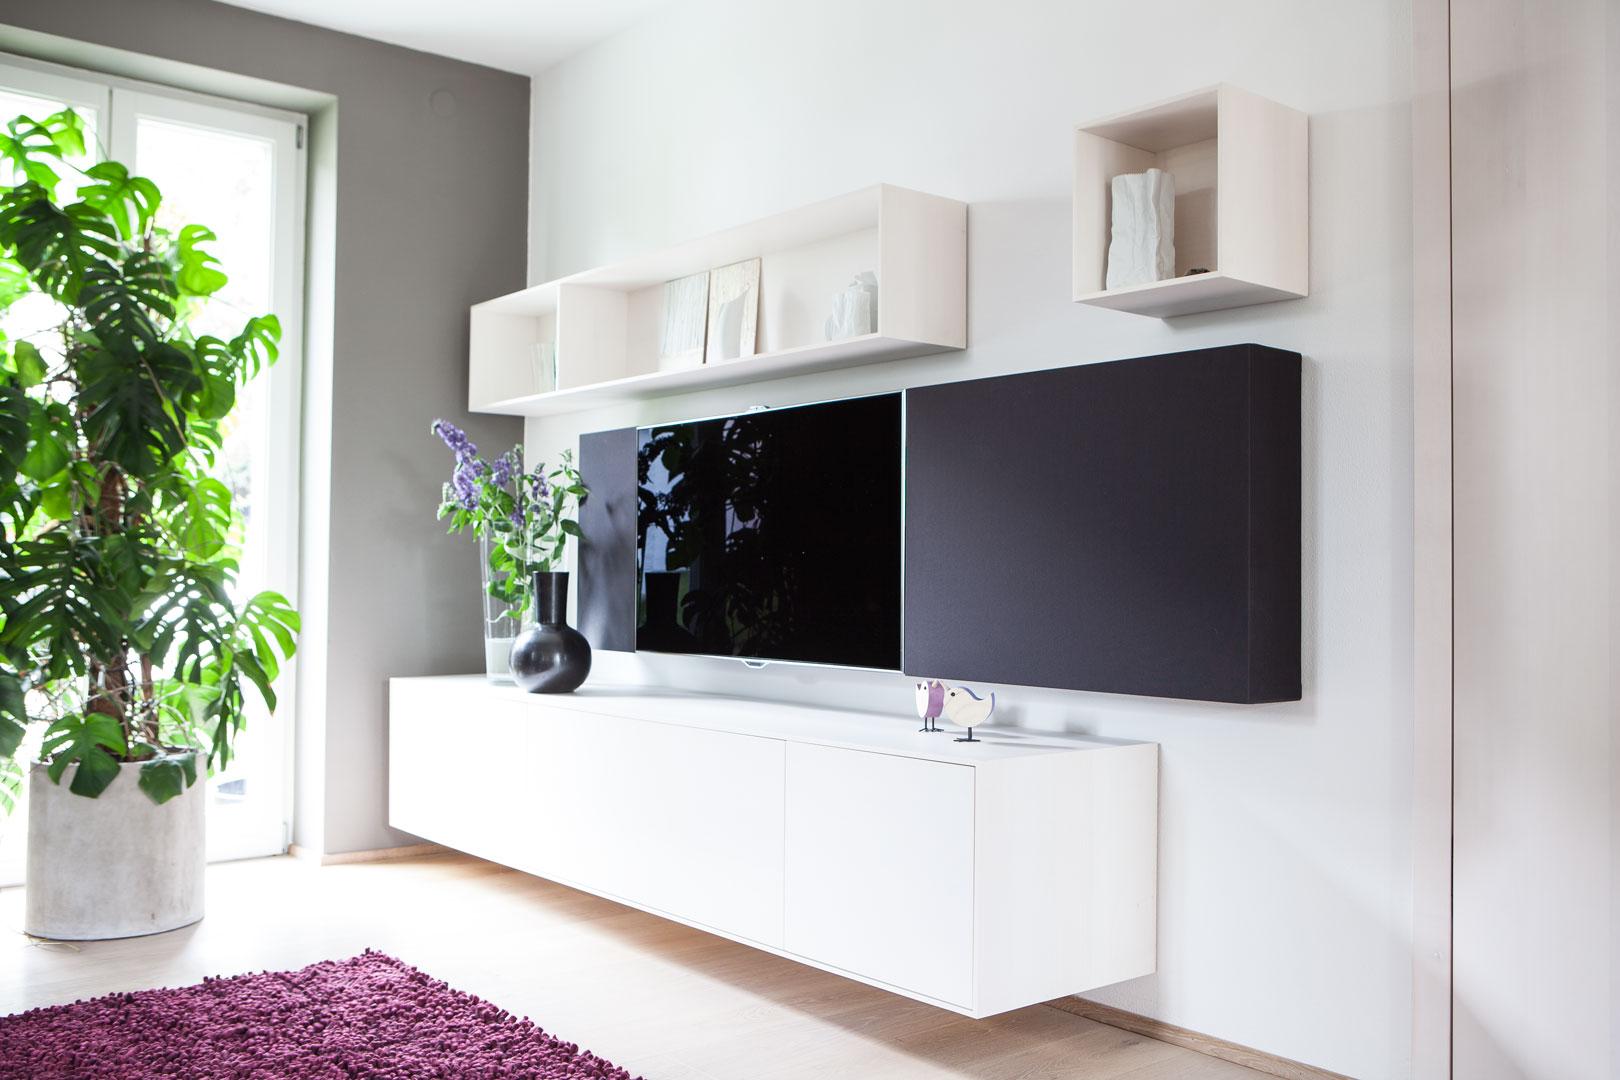 Wohnzimmer & TV-Möbel 712 • Schreinerei Steinberger, Bubach ...